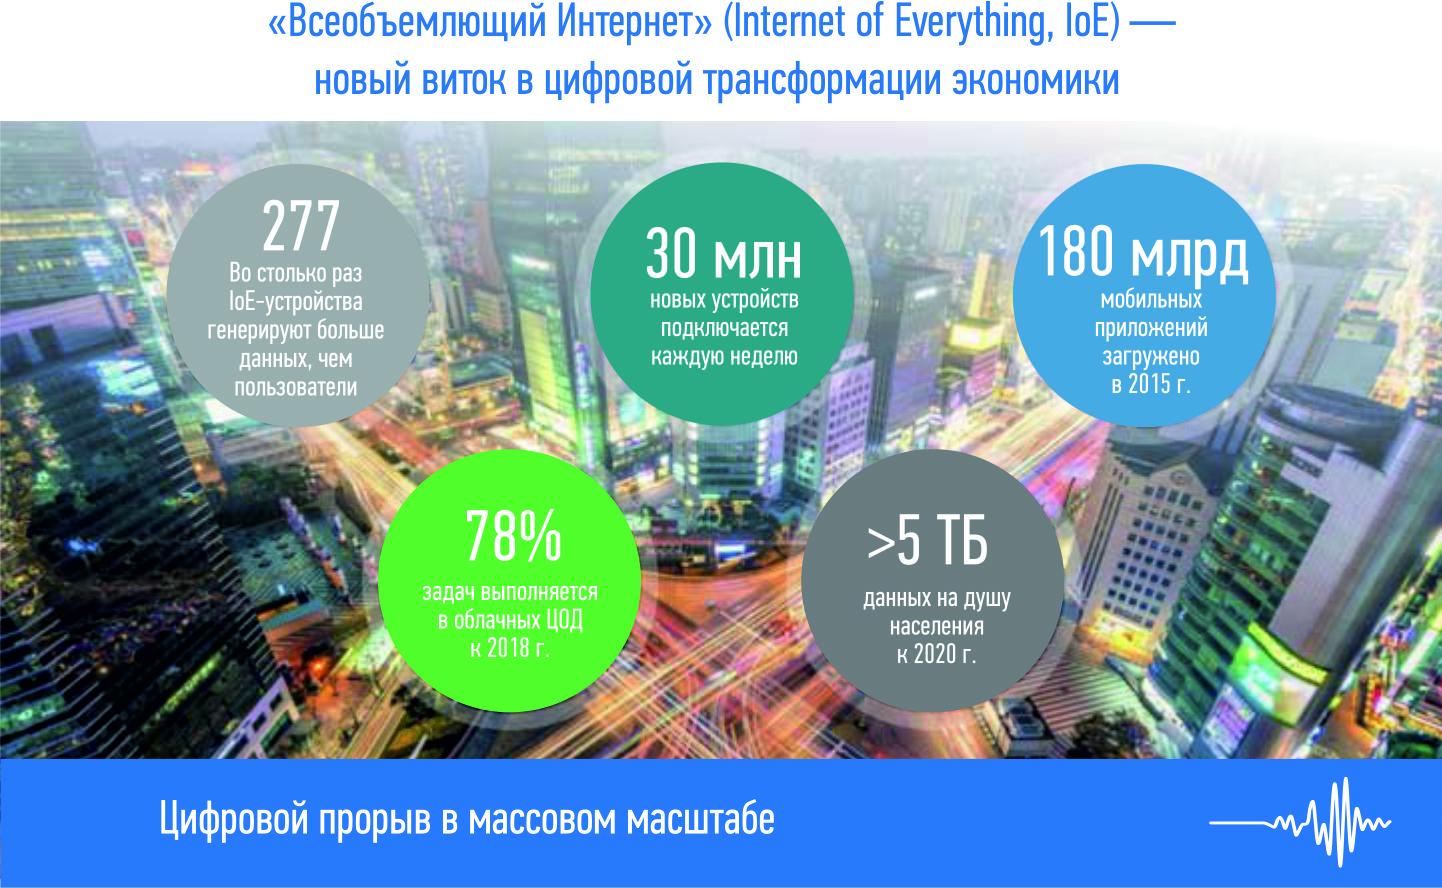 «Всеобъемлющий Интернет» (Internet of Everything, IoE) — новый виток в цифровой трансформации экономики